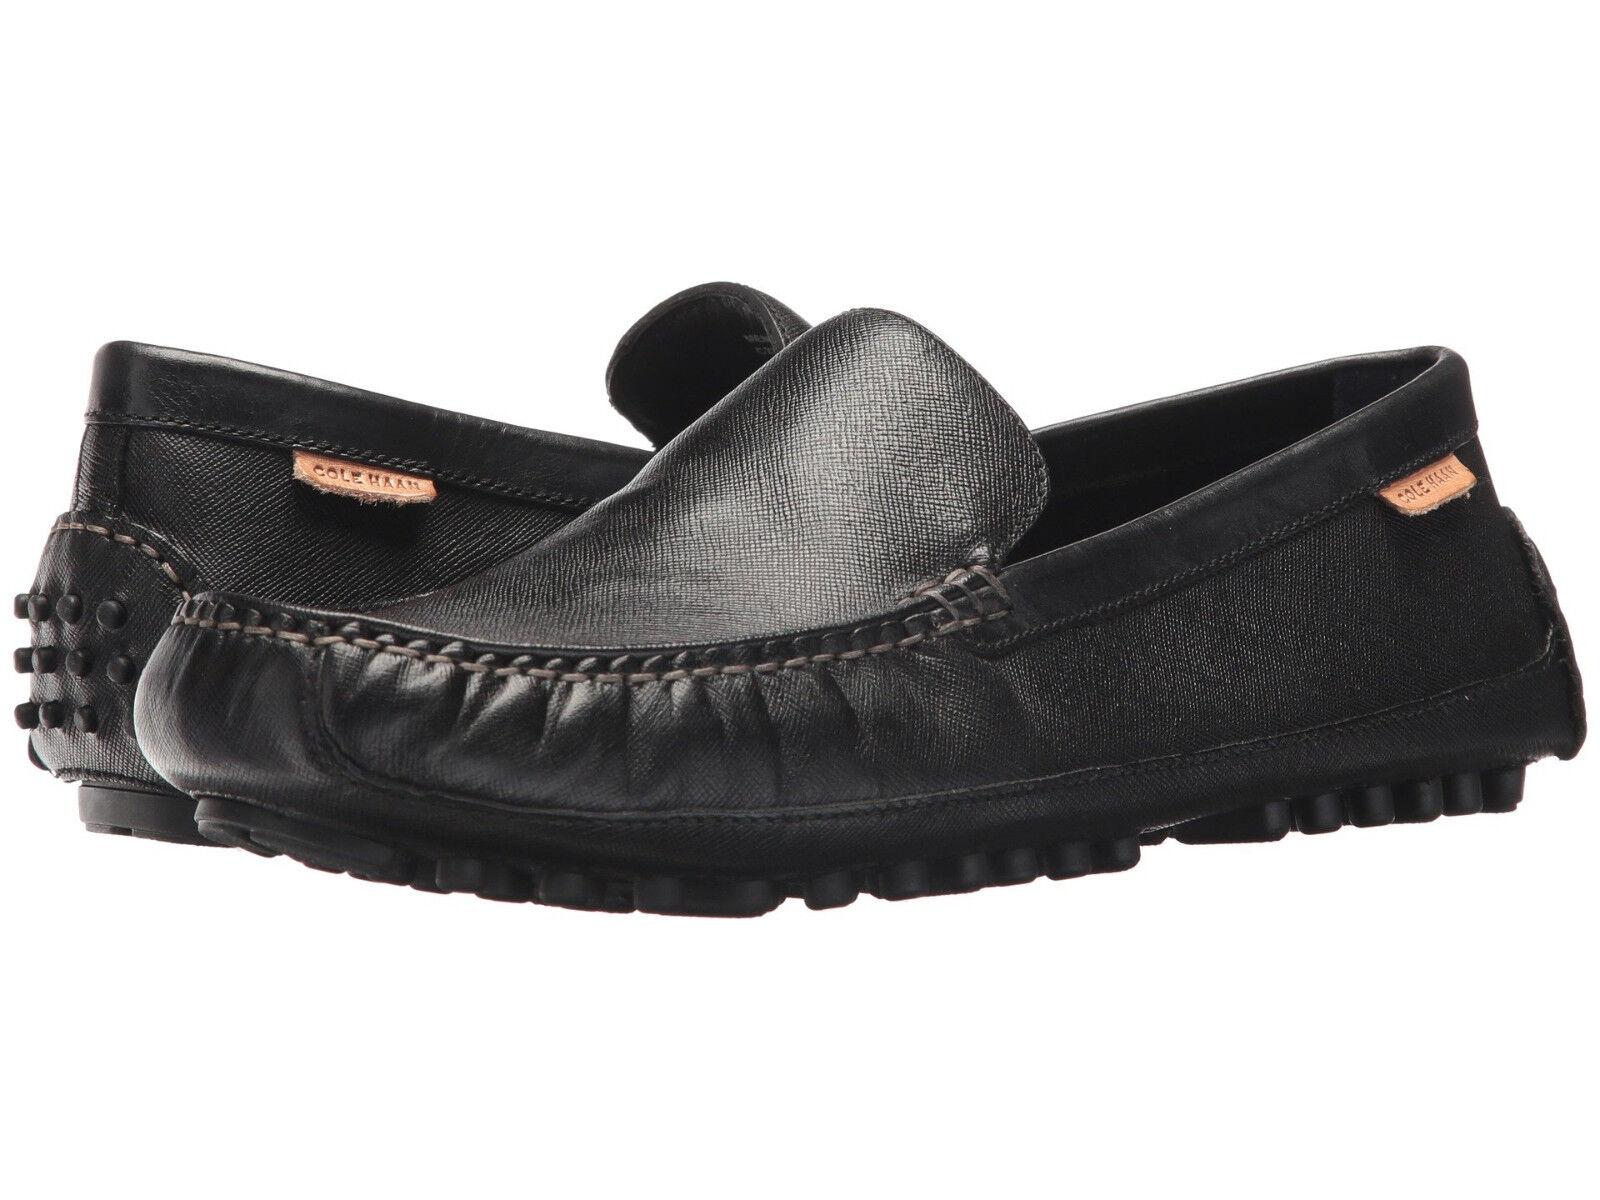 Cole Haan Colburn pour Homme Vénicravaten conducteur II Conduite Slip-On Mocassins Chaussures